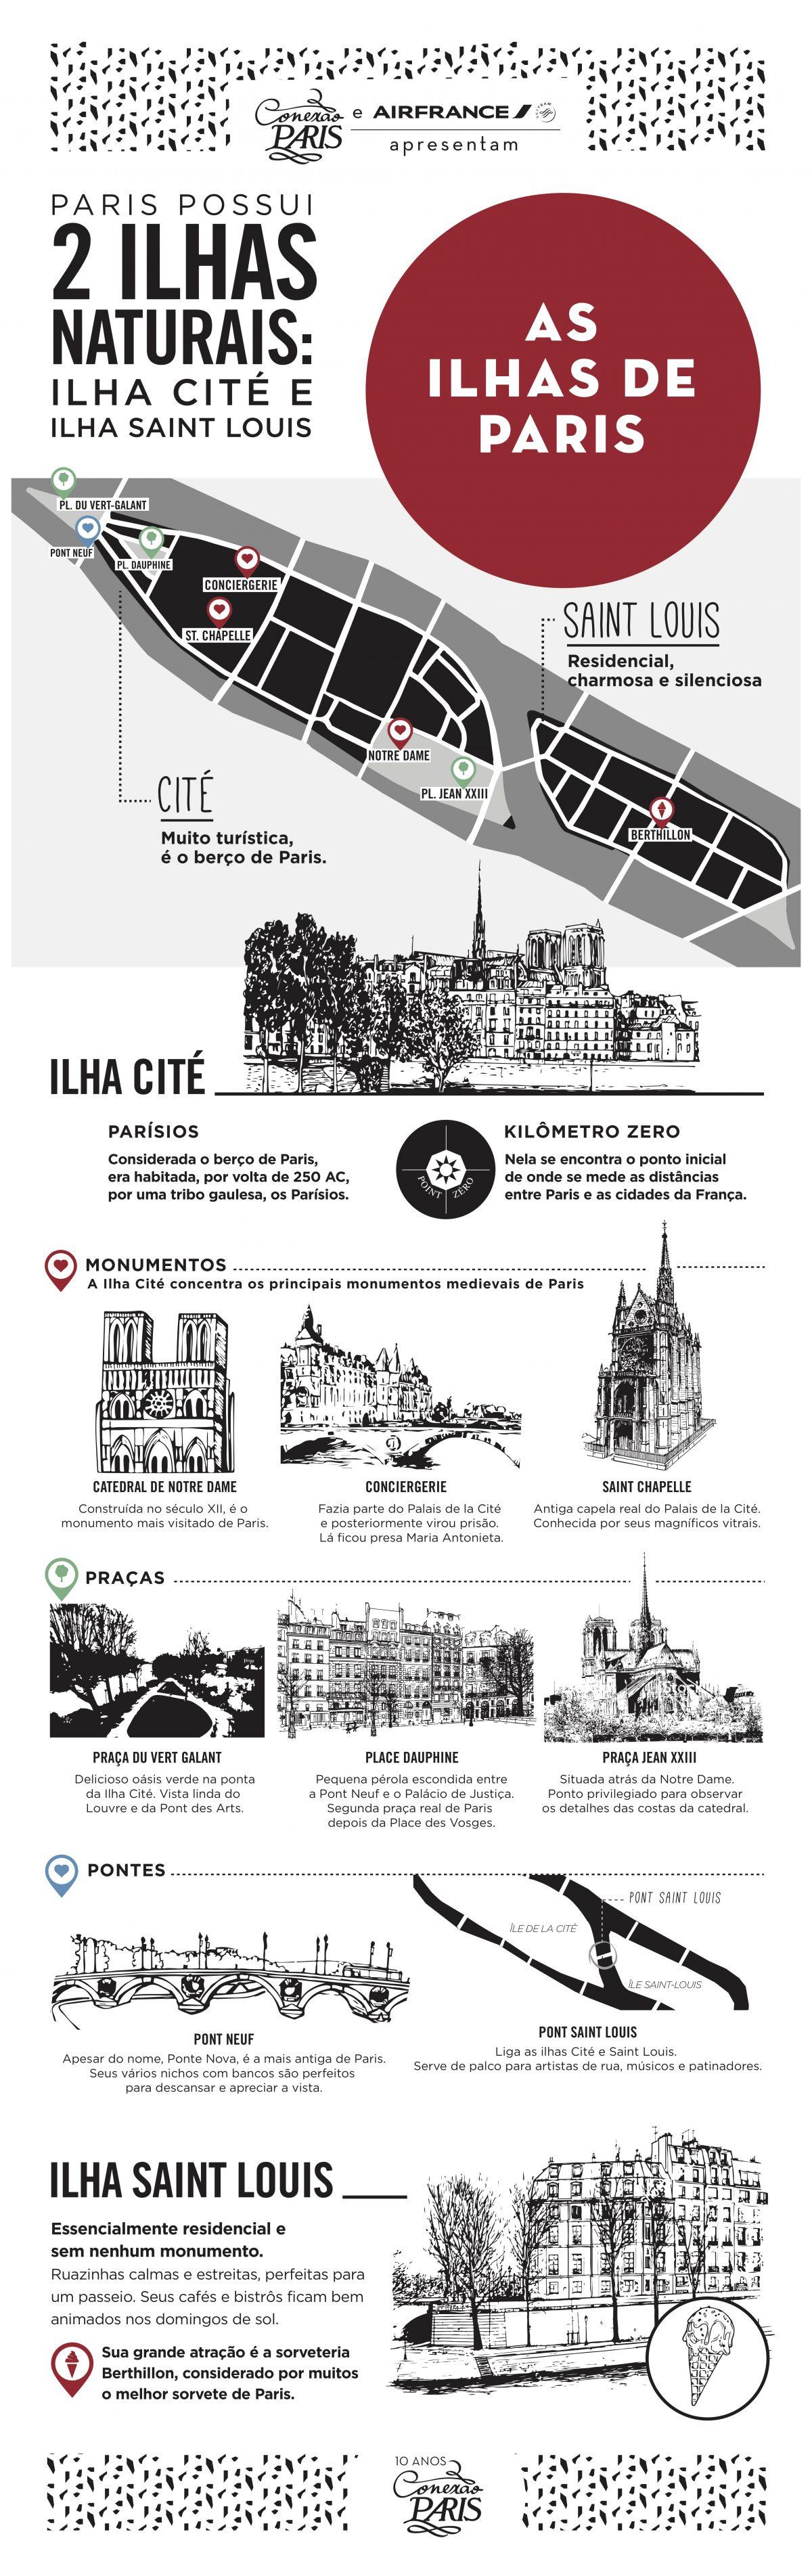 infografico sobre as duas principais ilhas de paris